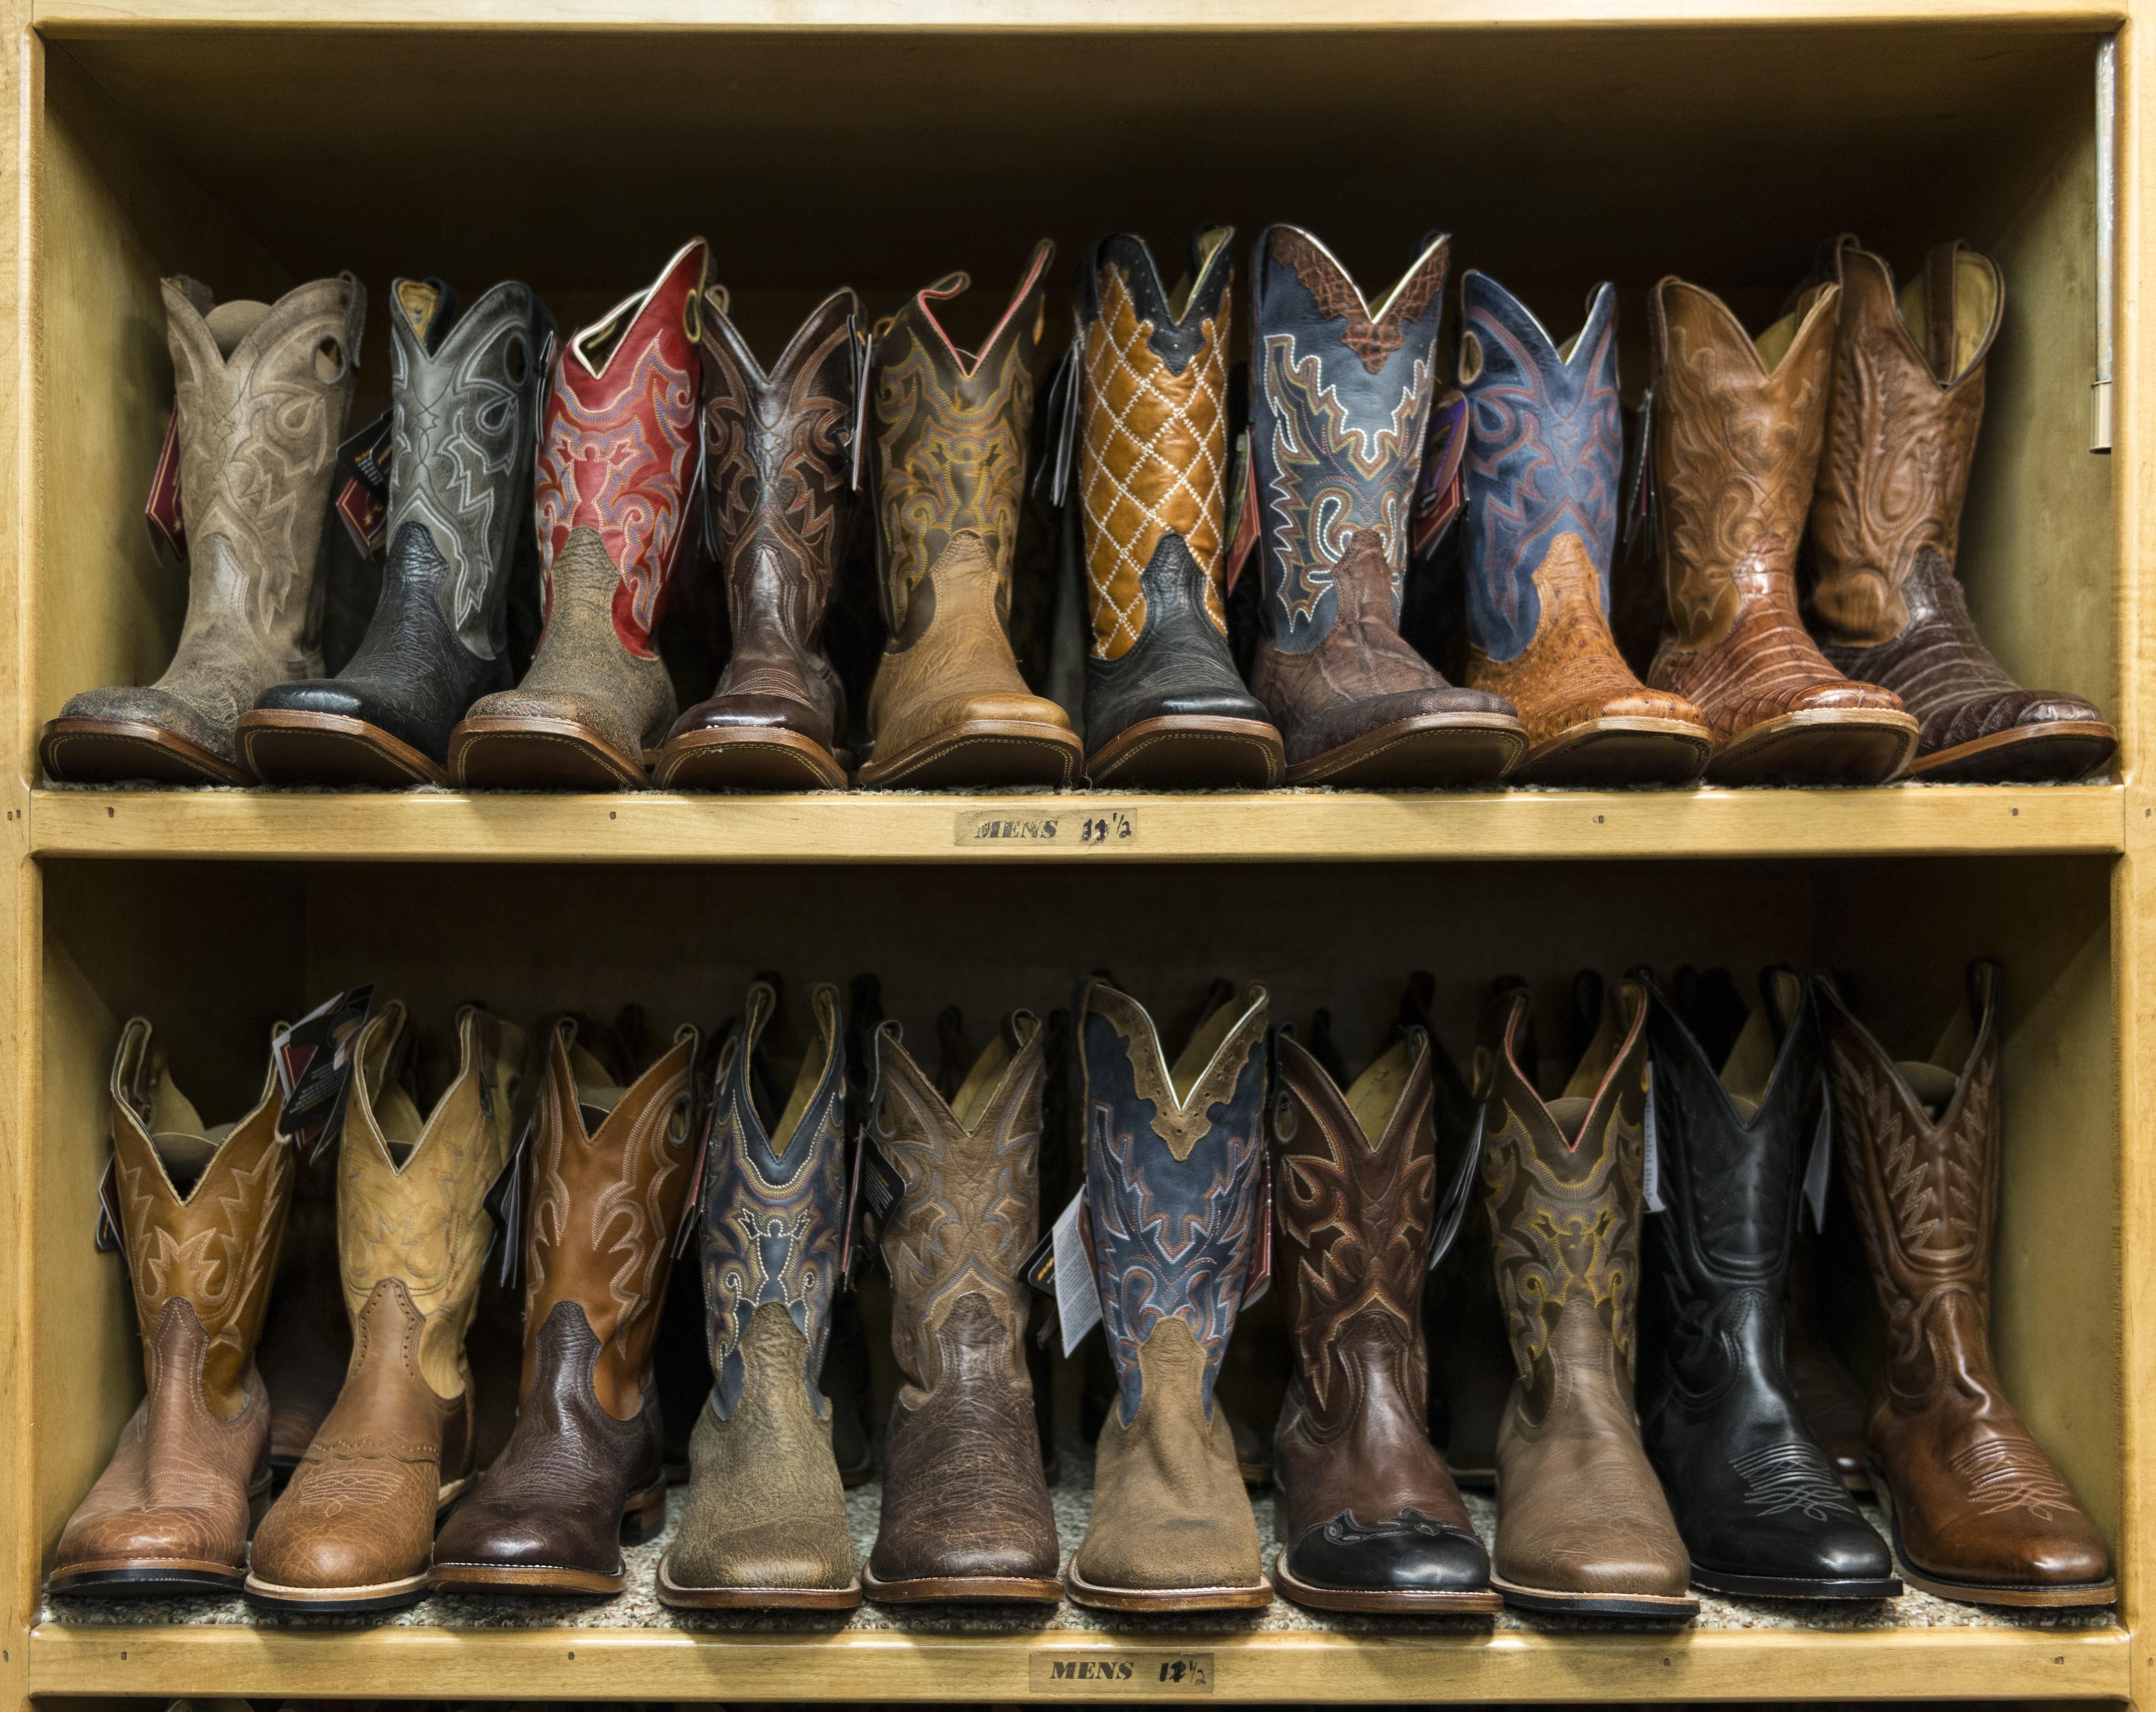 cowboy-boots-553668